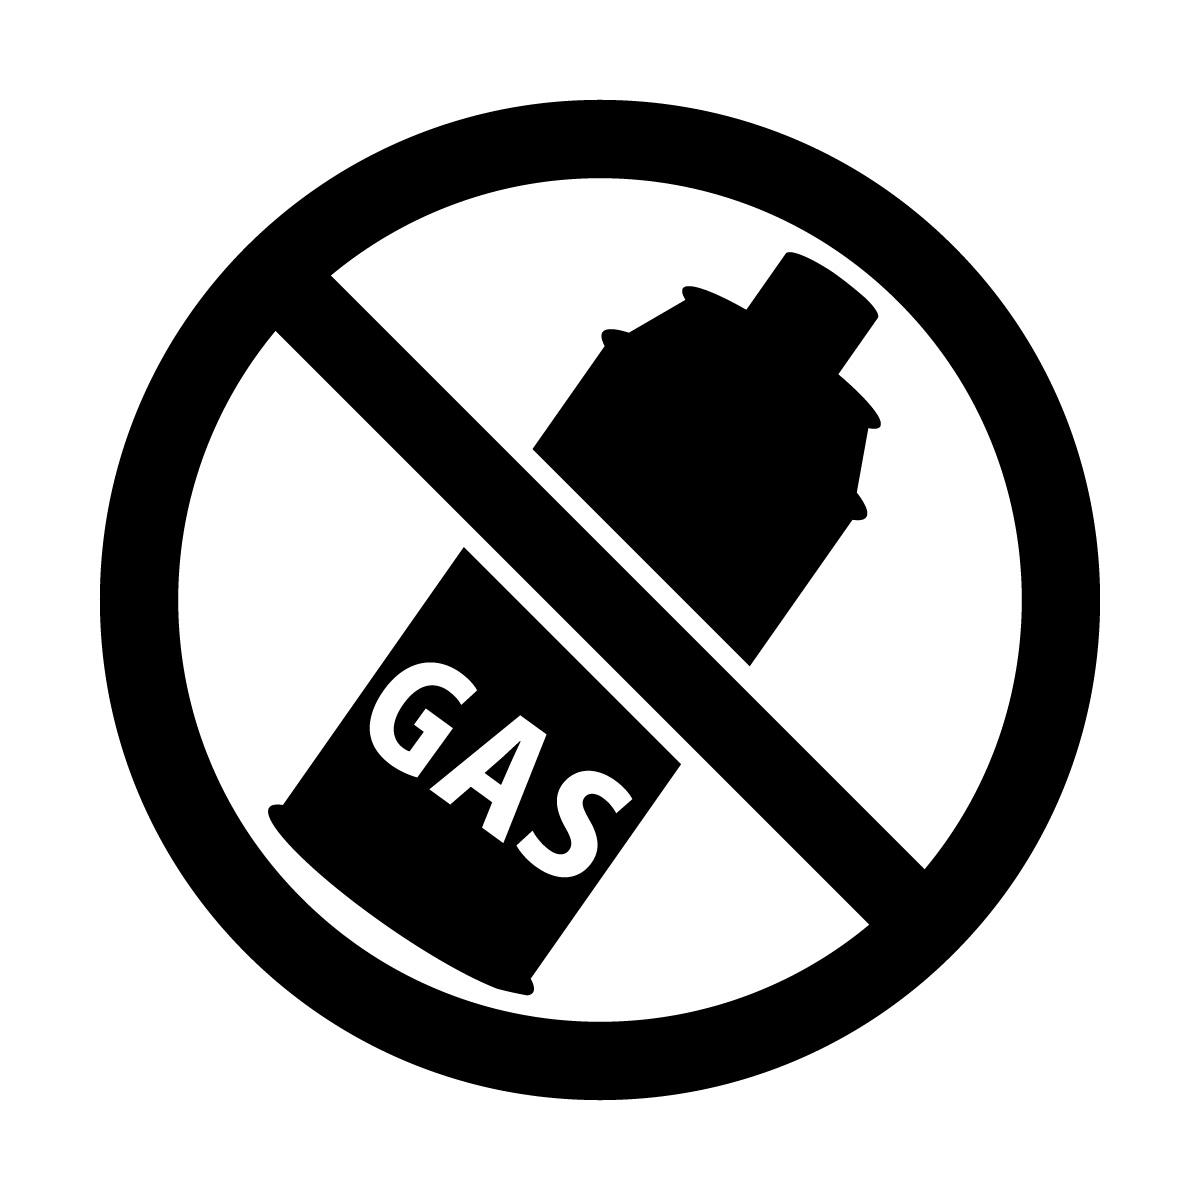 黒色のガス使用禁止マークのカッティングステッカー・シール